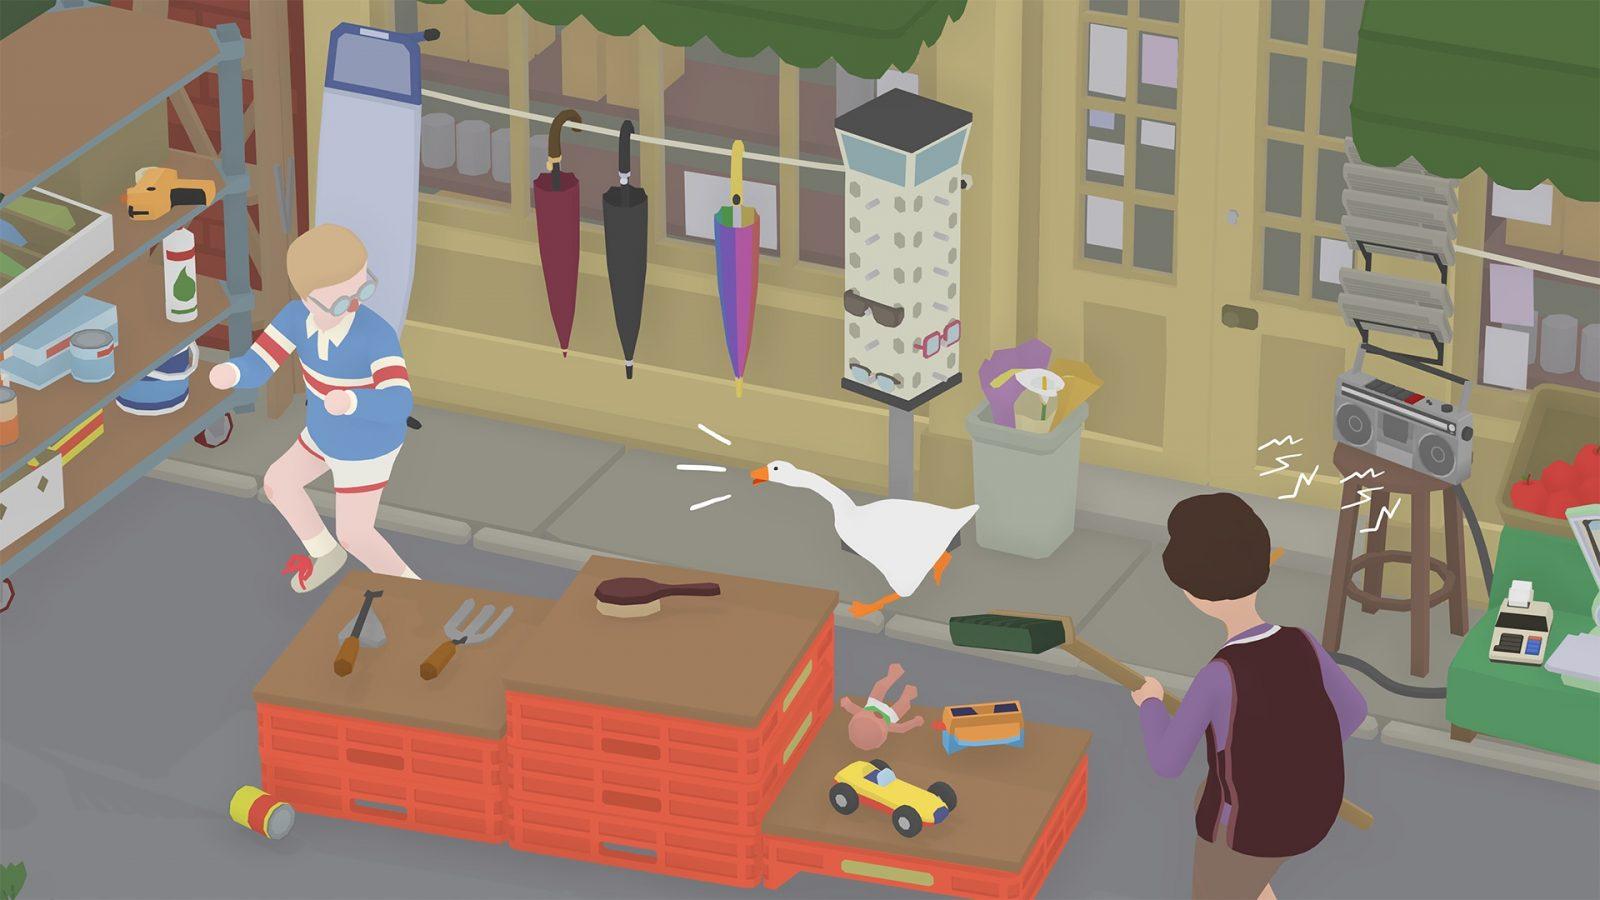 Untitled Goose Game Screenshot 11